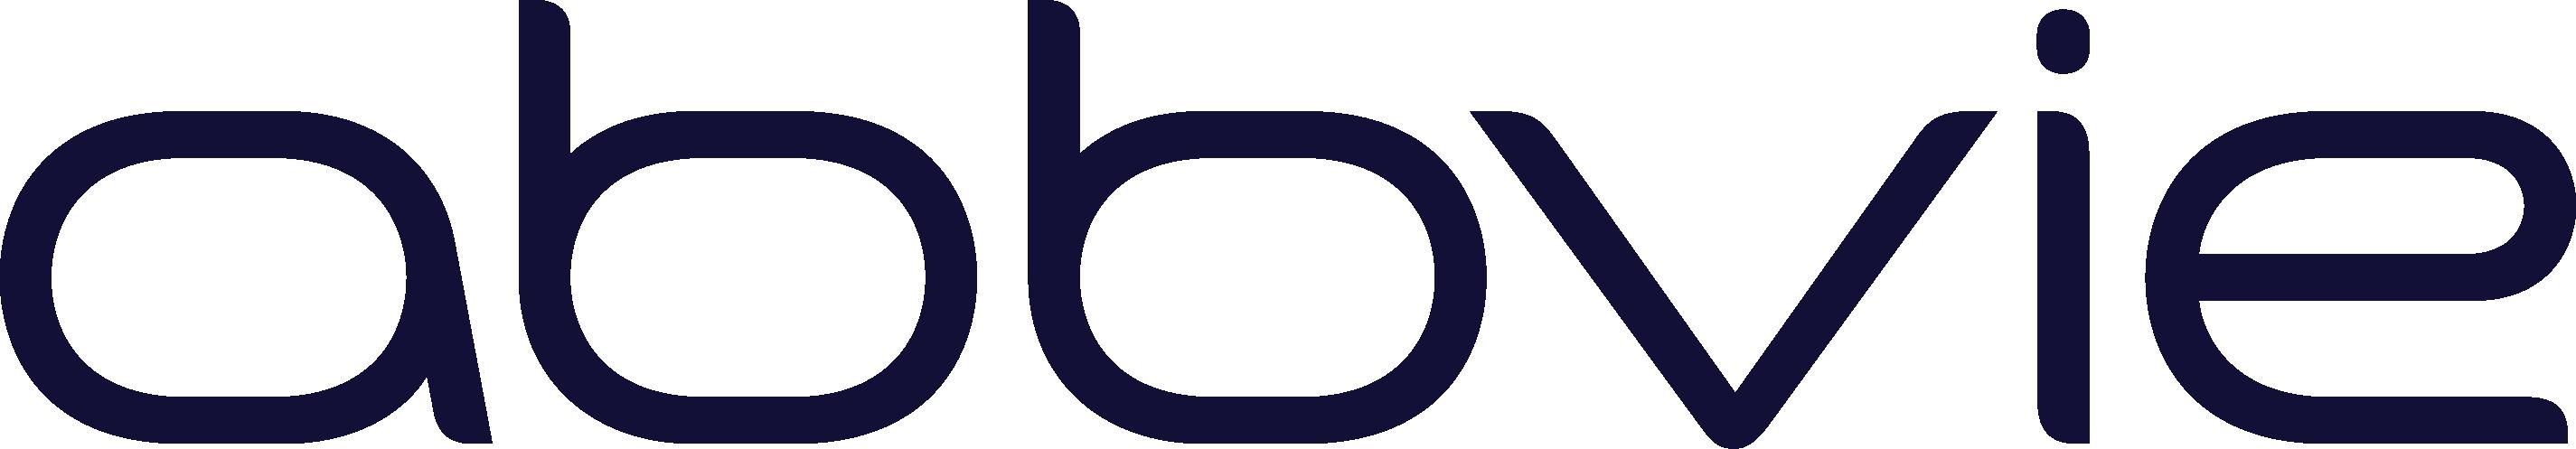 Logotipo abbvie